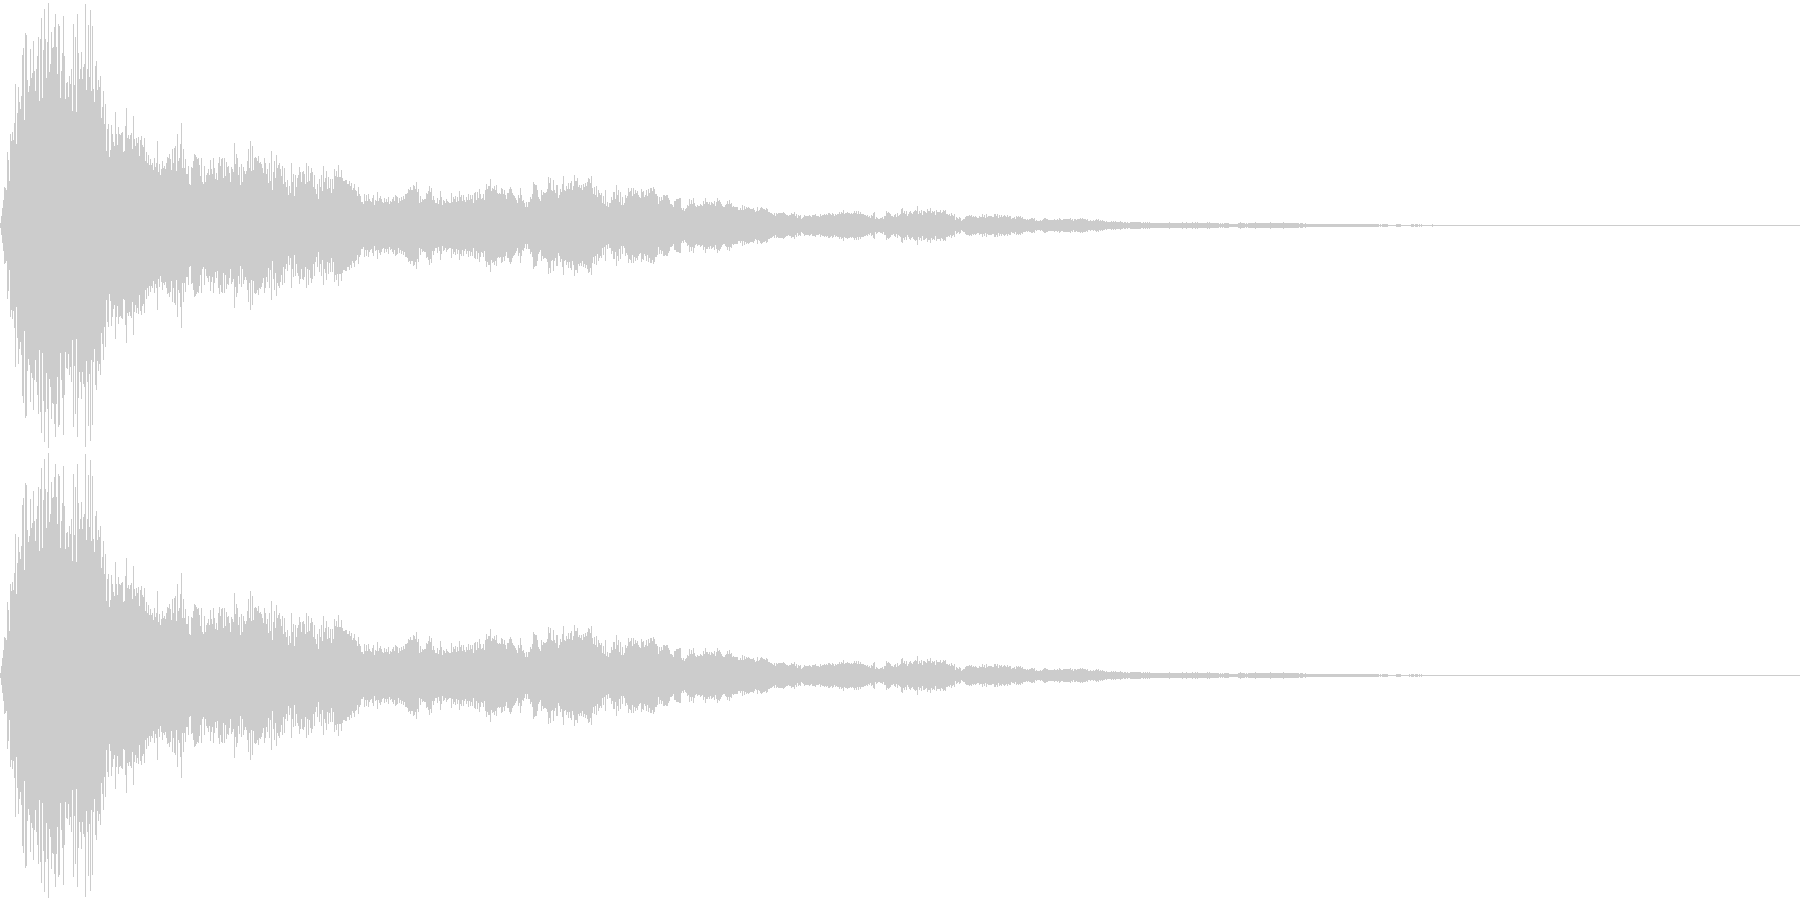 鈴をイメージしたアラーム音の未再生の波形